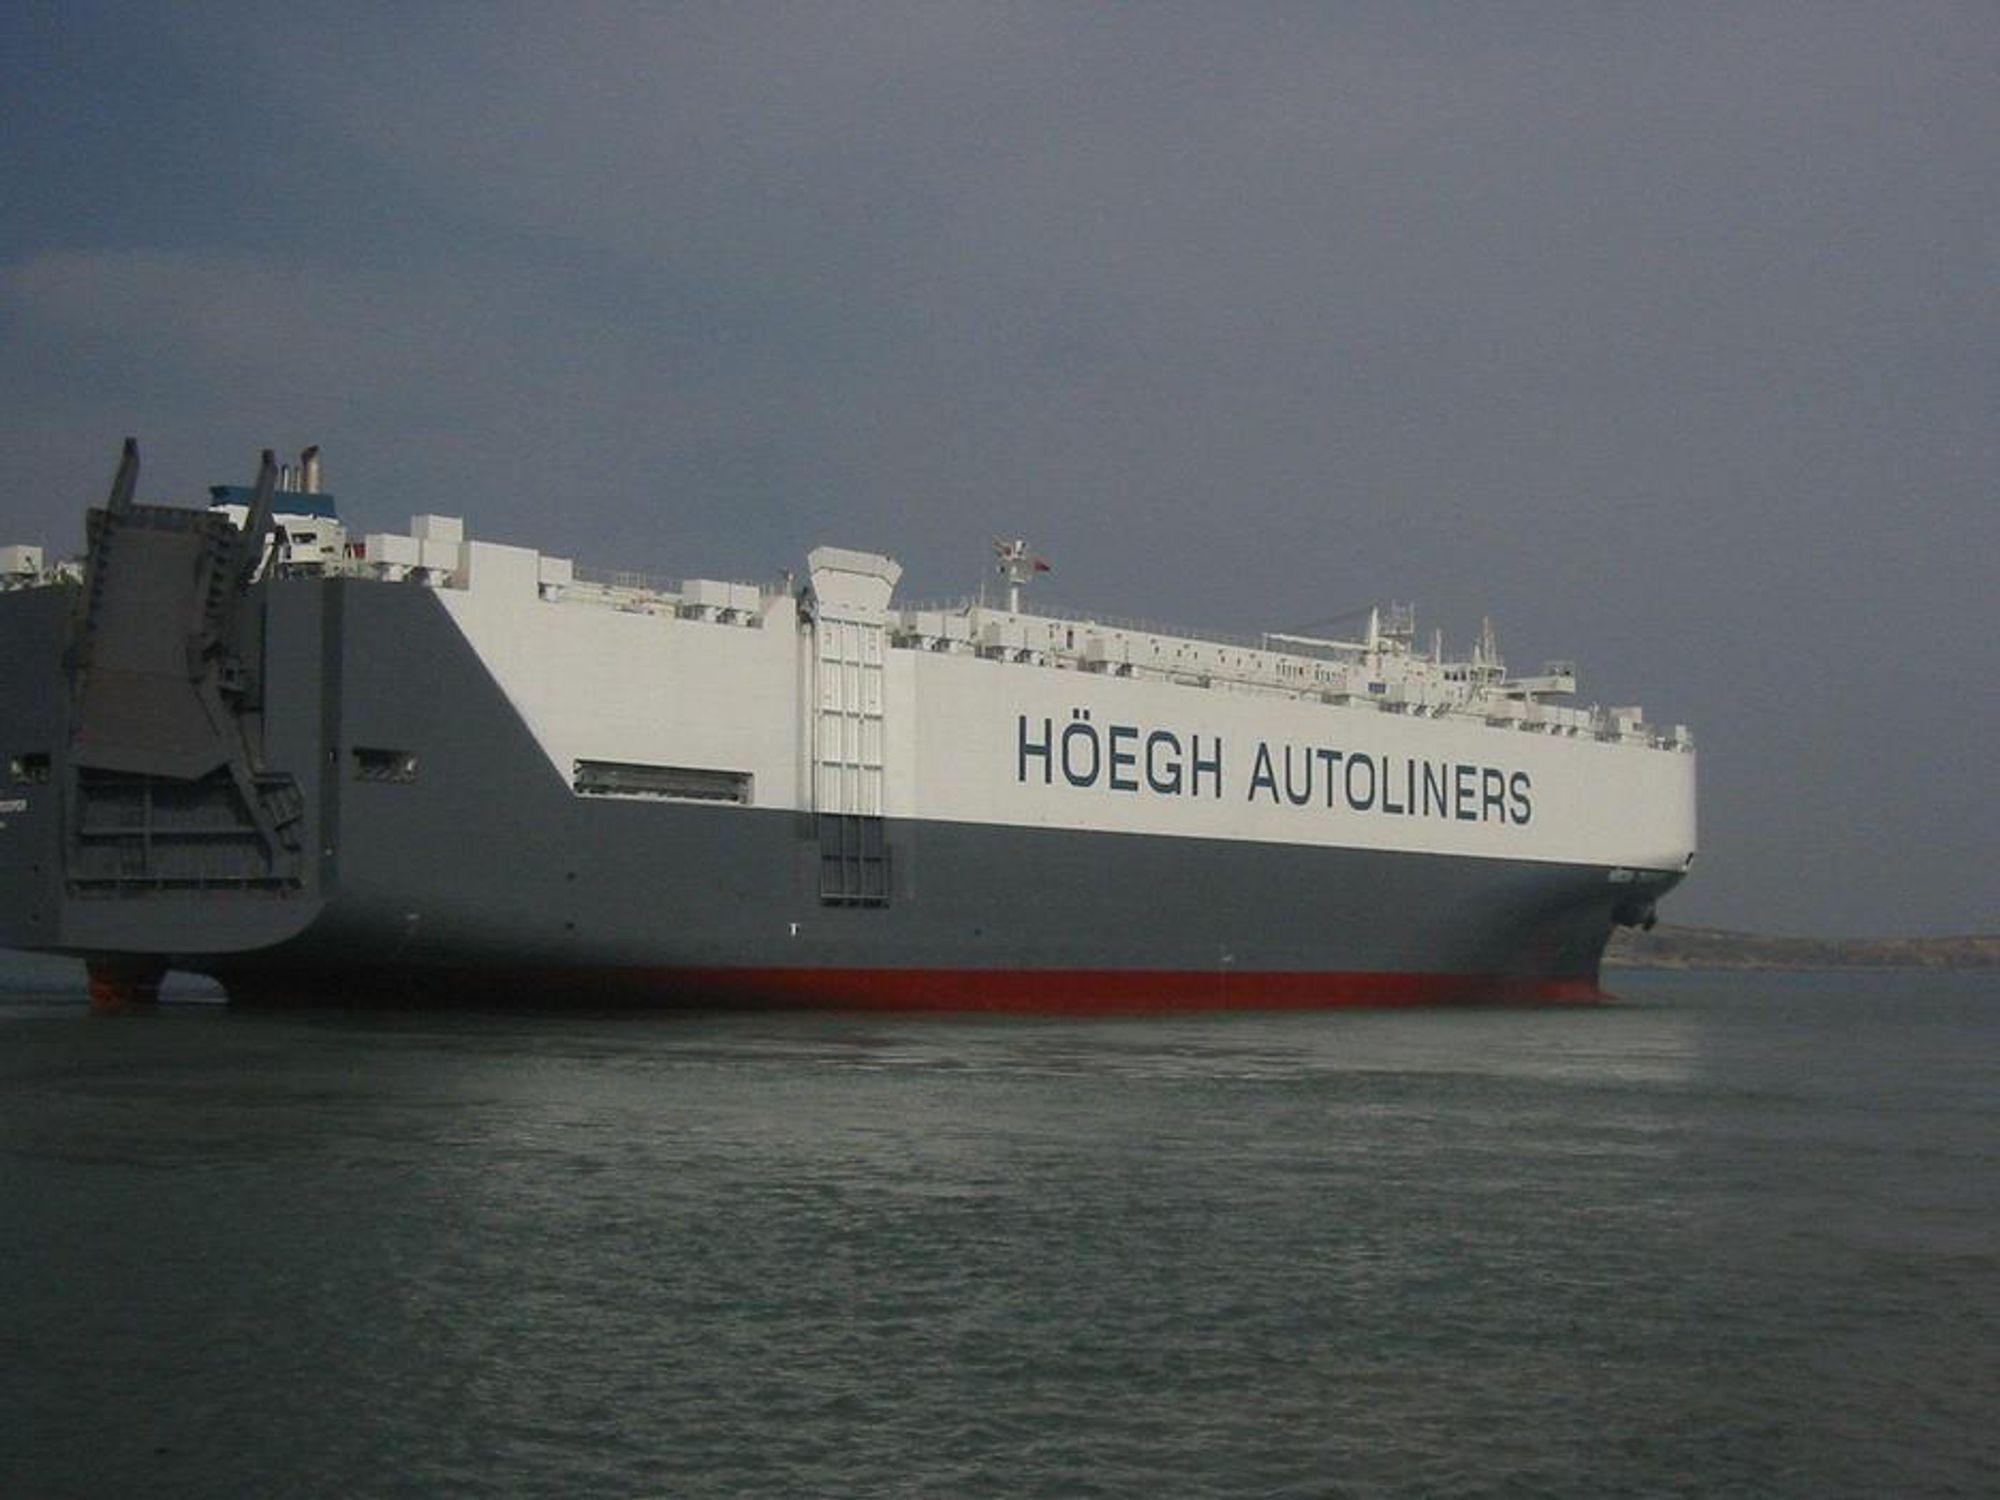 RO-RO: Höegh Autoliners mener det blir stort behov for å sende forsyninger til Japan. Selskapets skip har store lasteramper for å kjøre stort gods om bord, og ikke bare biler.